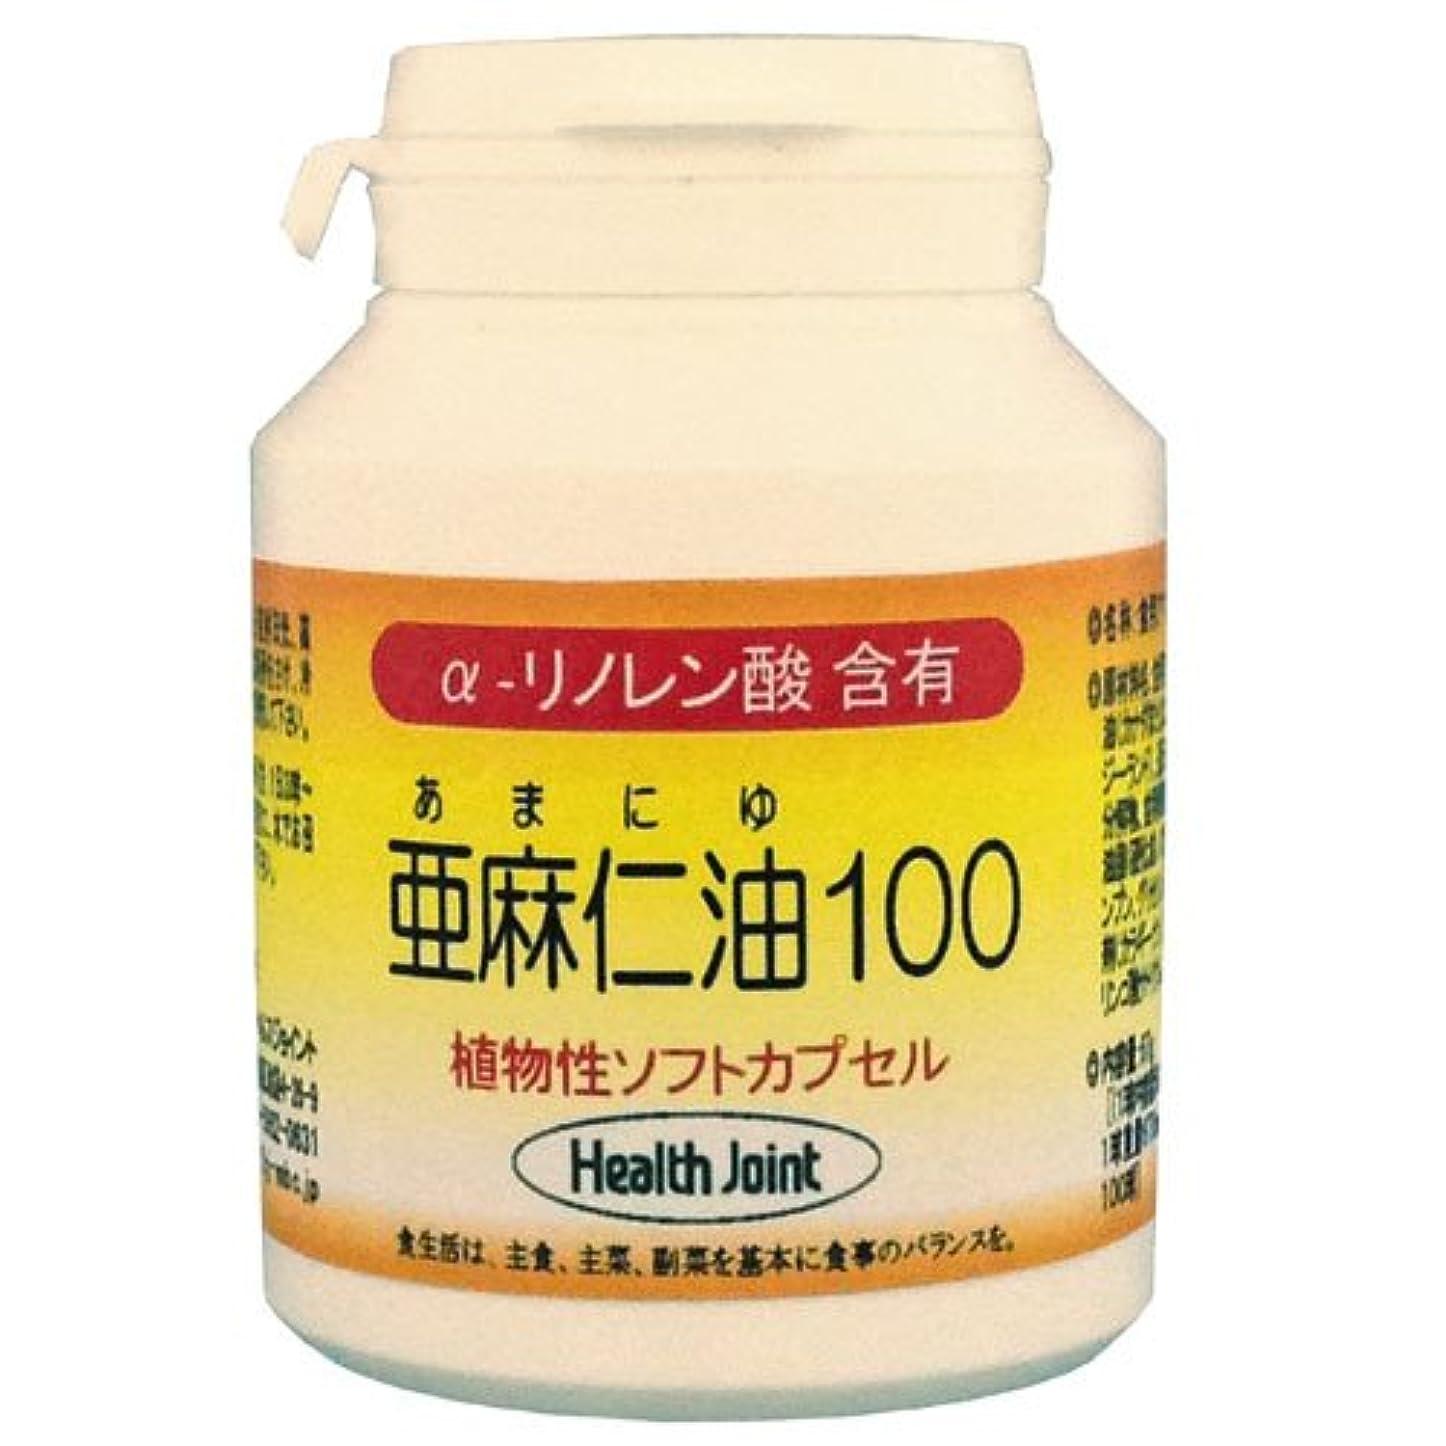 ロシアディンカルビルゴールド亜麻仁油100 植物性ソフトカプセル 100球